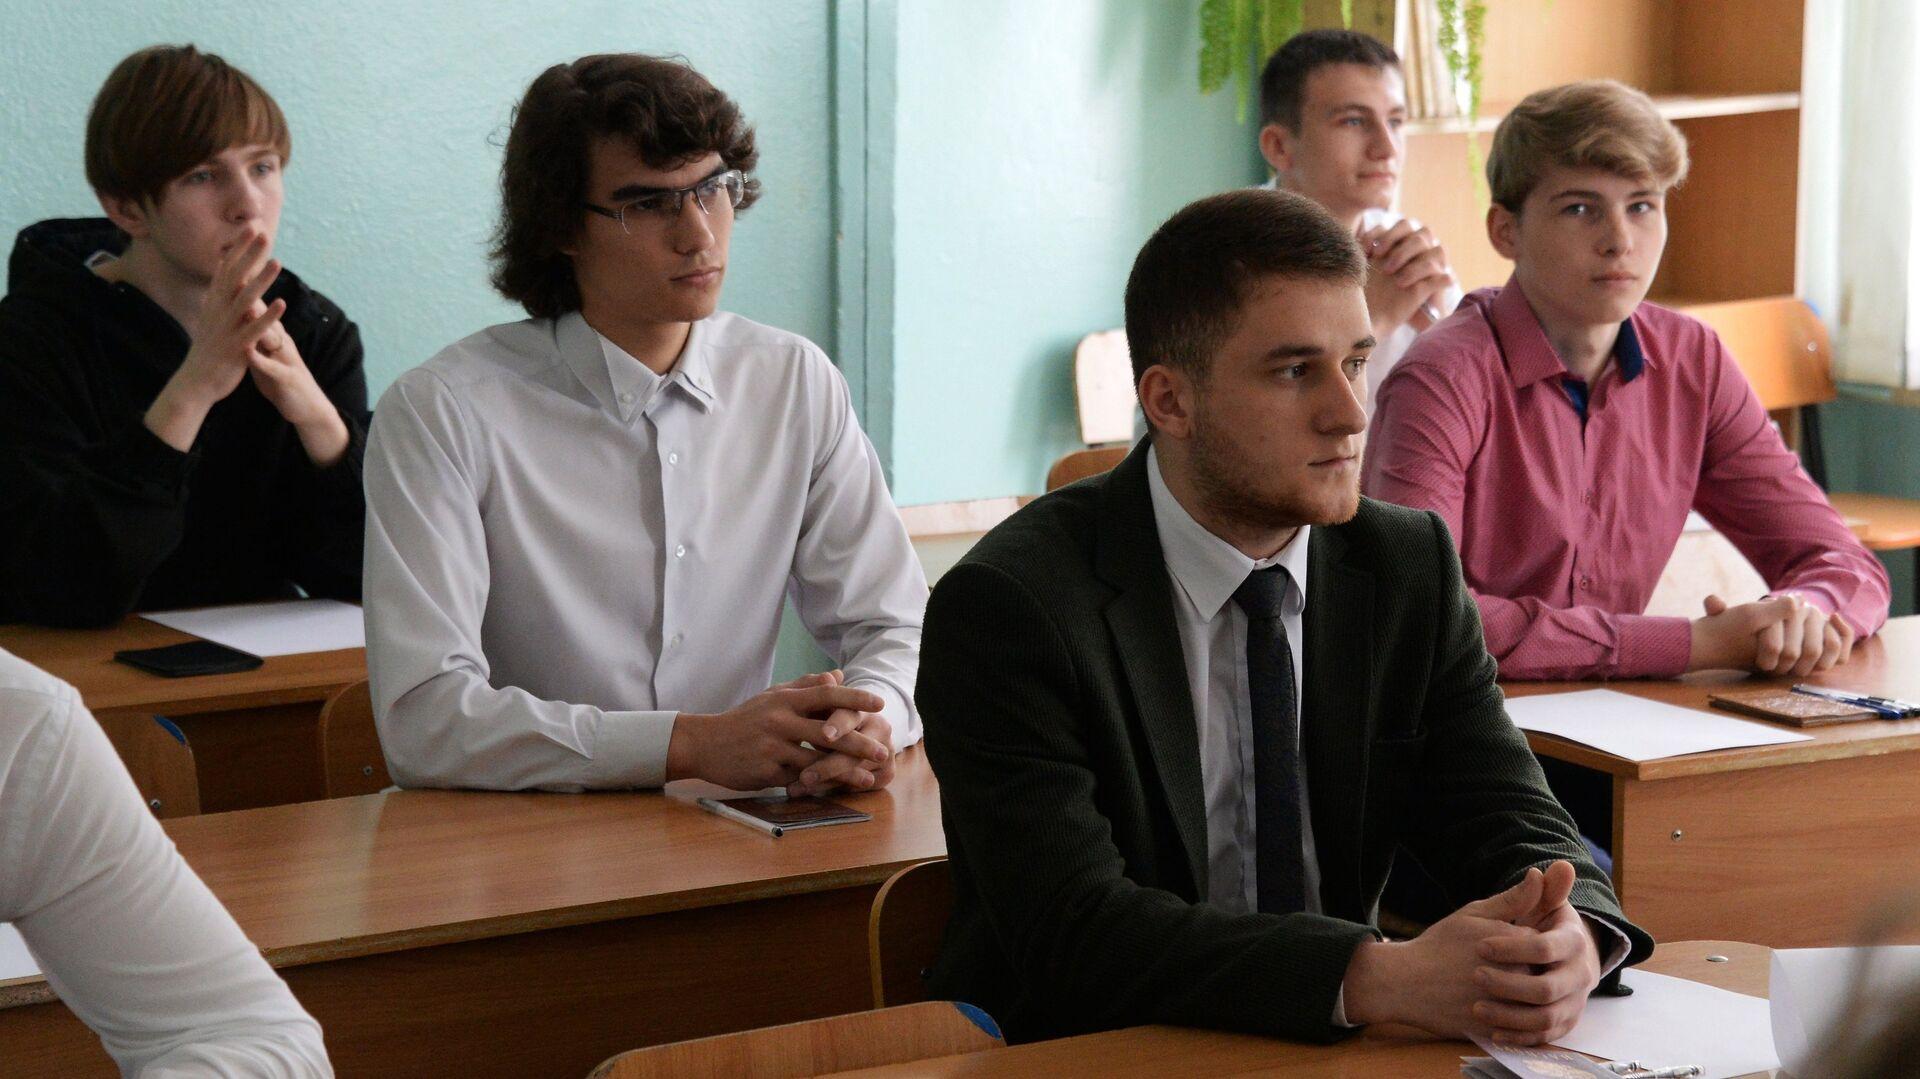 Ученики 11-х классов перед началом единого государственного экзамена по информатике и географии во Владивостоке - РИА Новости, 1920, 30.09.2021